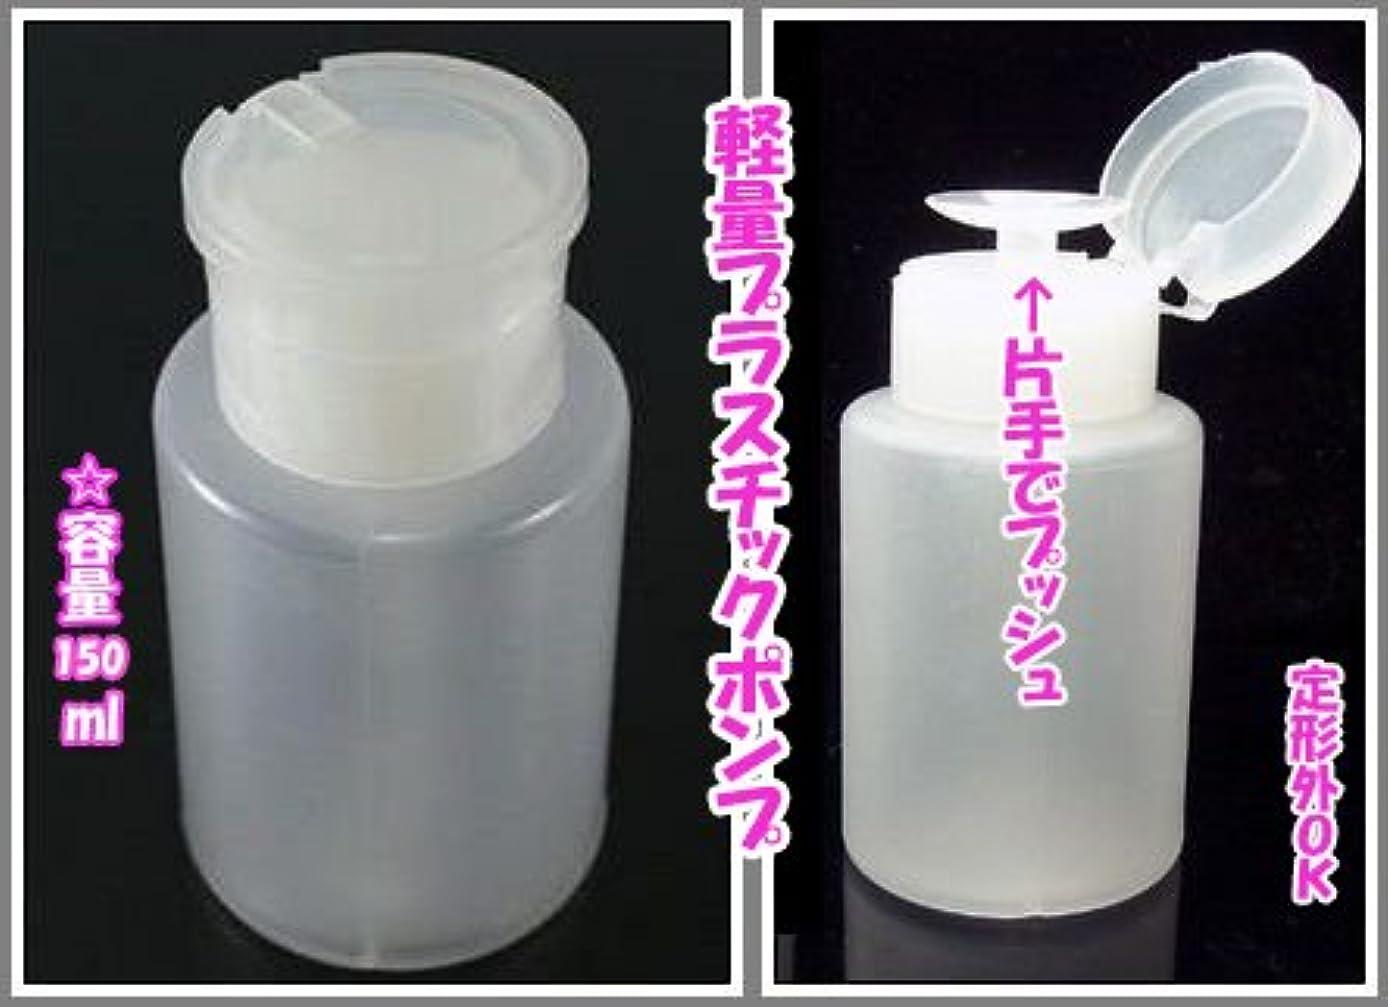 ベアリングサークル下品かもしれない軽量プラスチックポンプ 150ml